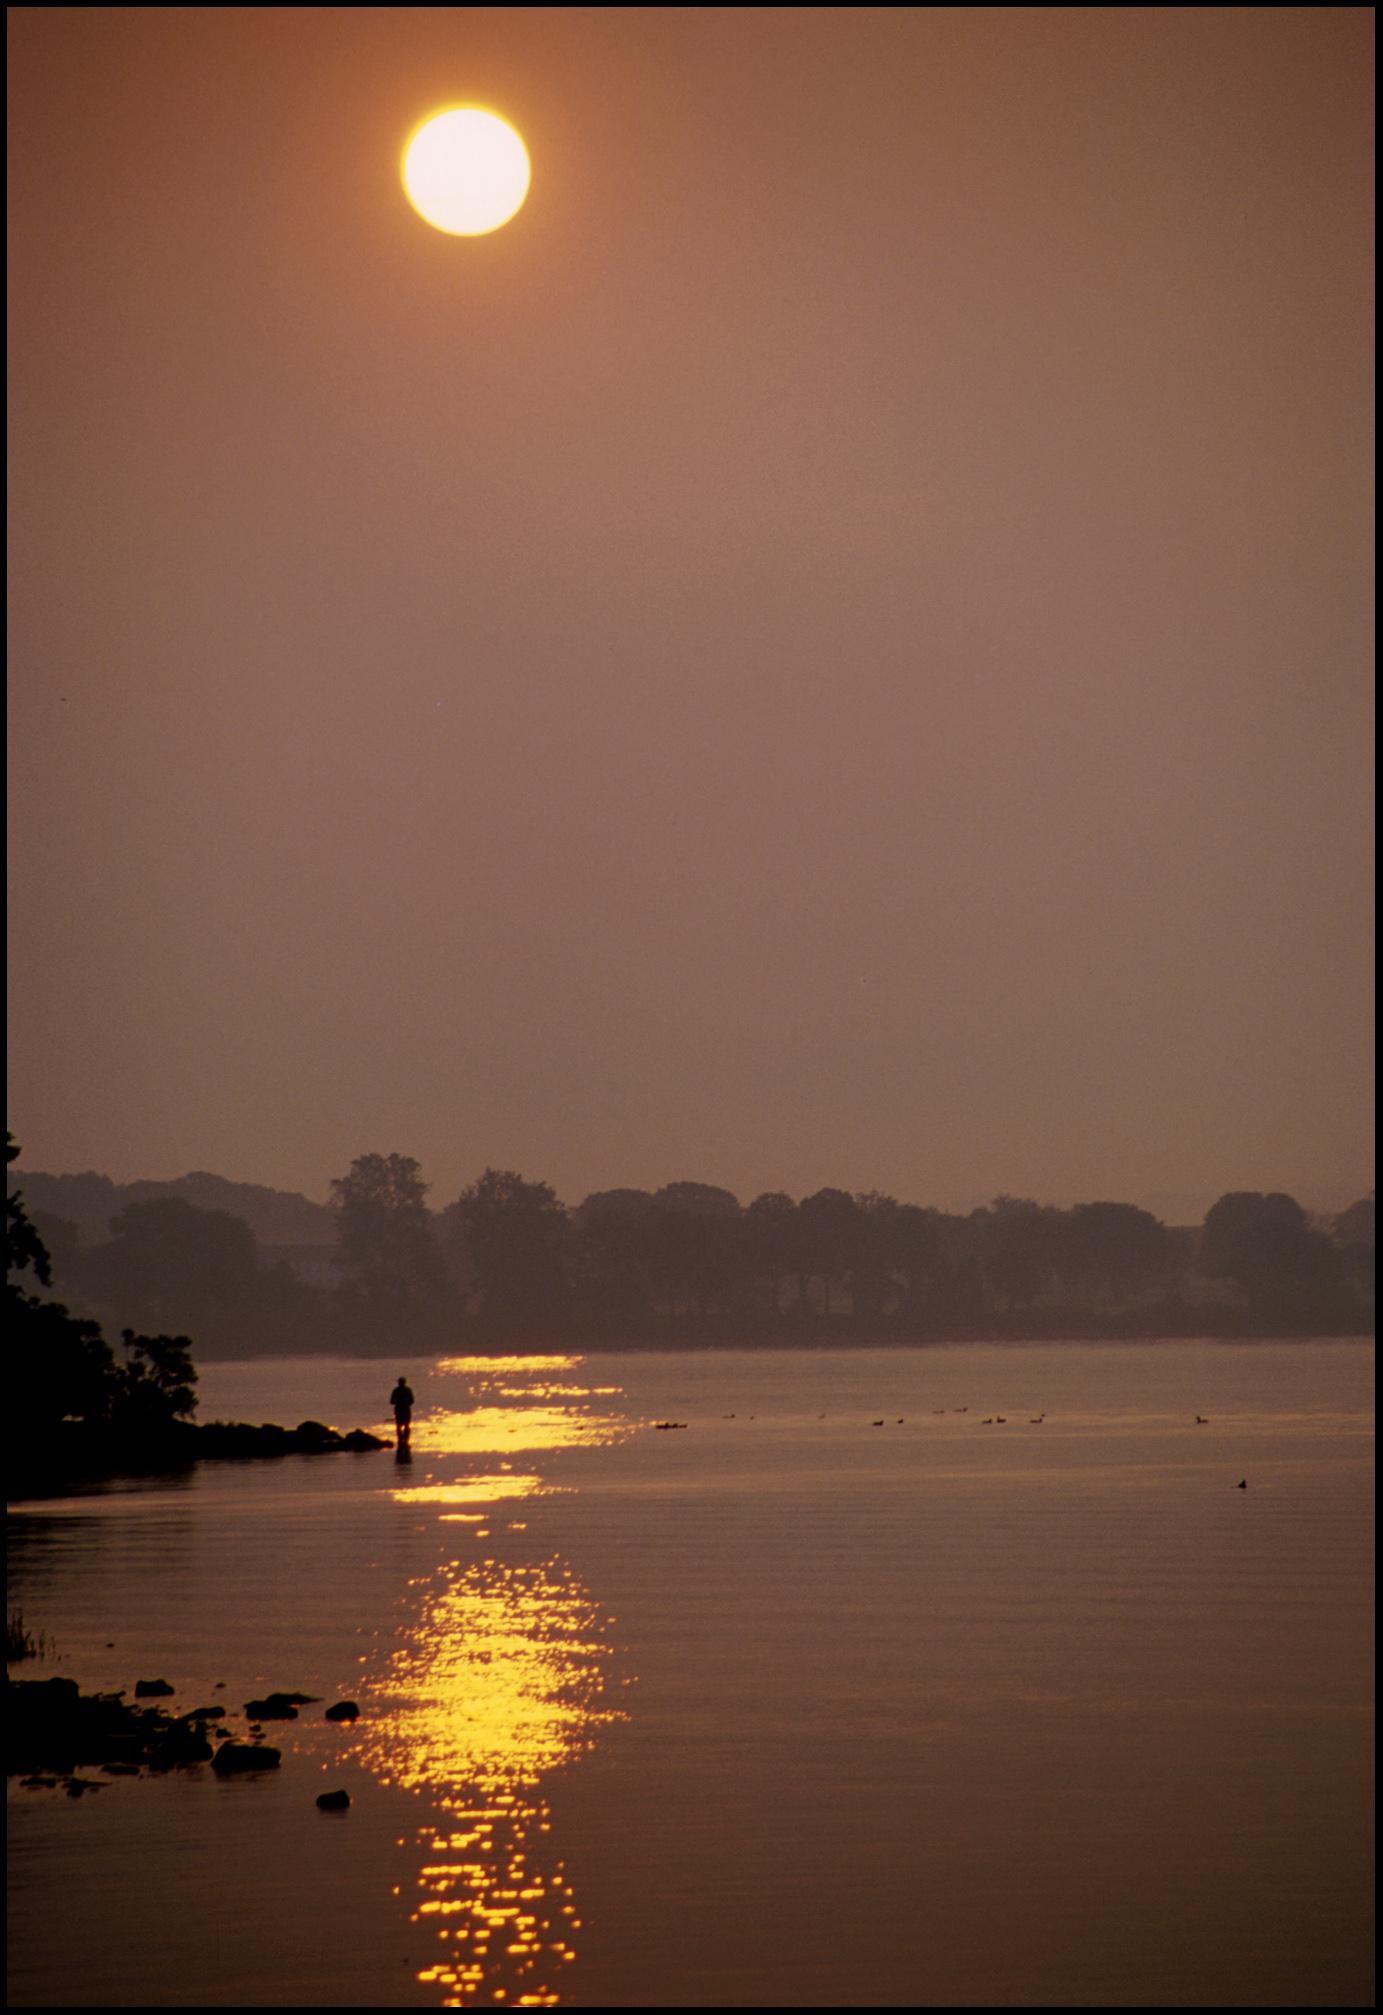 sunrise near Havre de Grace, Md.